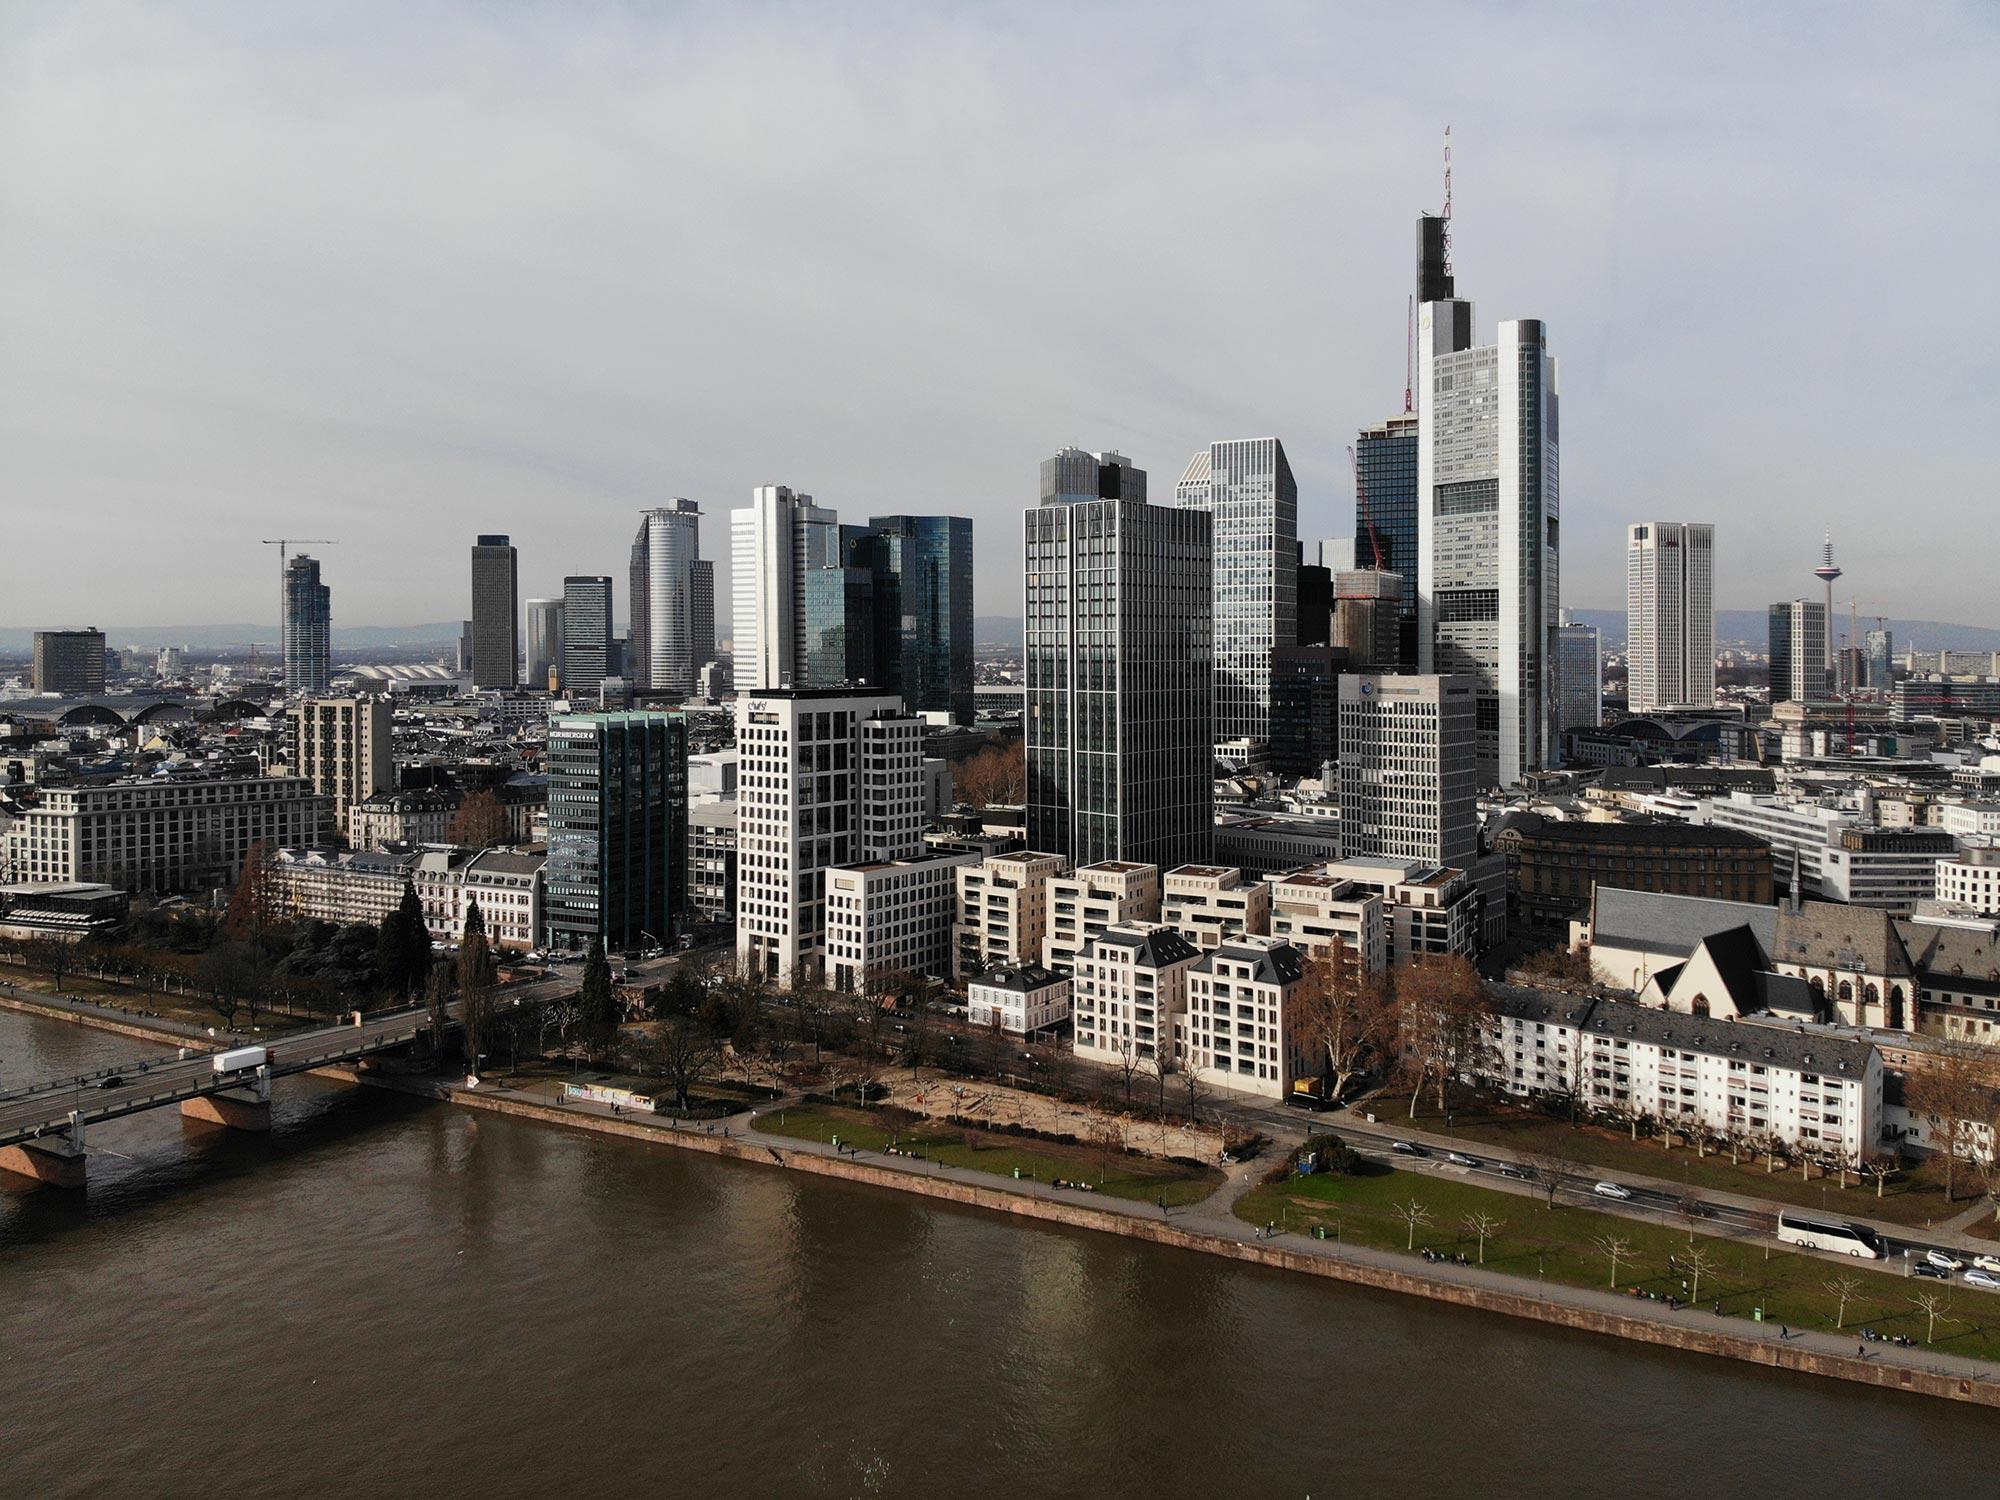 Frankfurt Foto der Skyline - Skyline Foto kostenlos - Wolkenkratzer Foto Frankfurt am Main - Download Stockfoto FFM - Foto Nr. 608-236-698